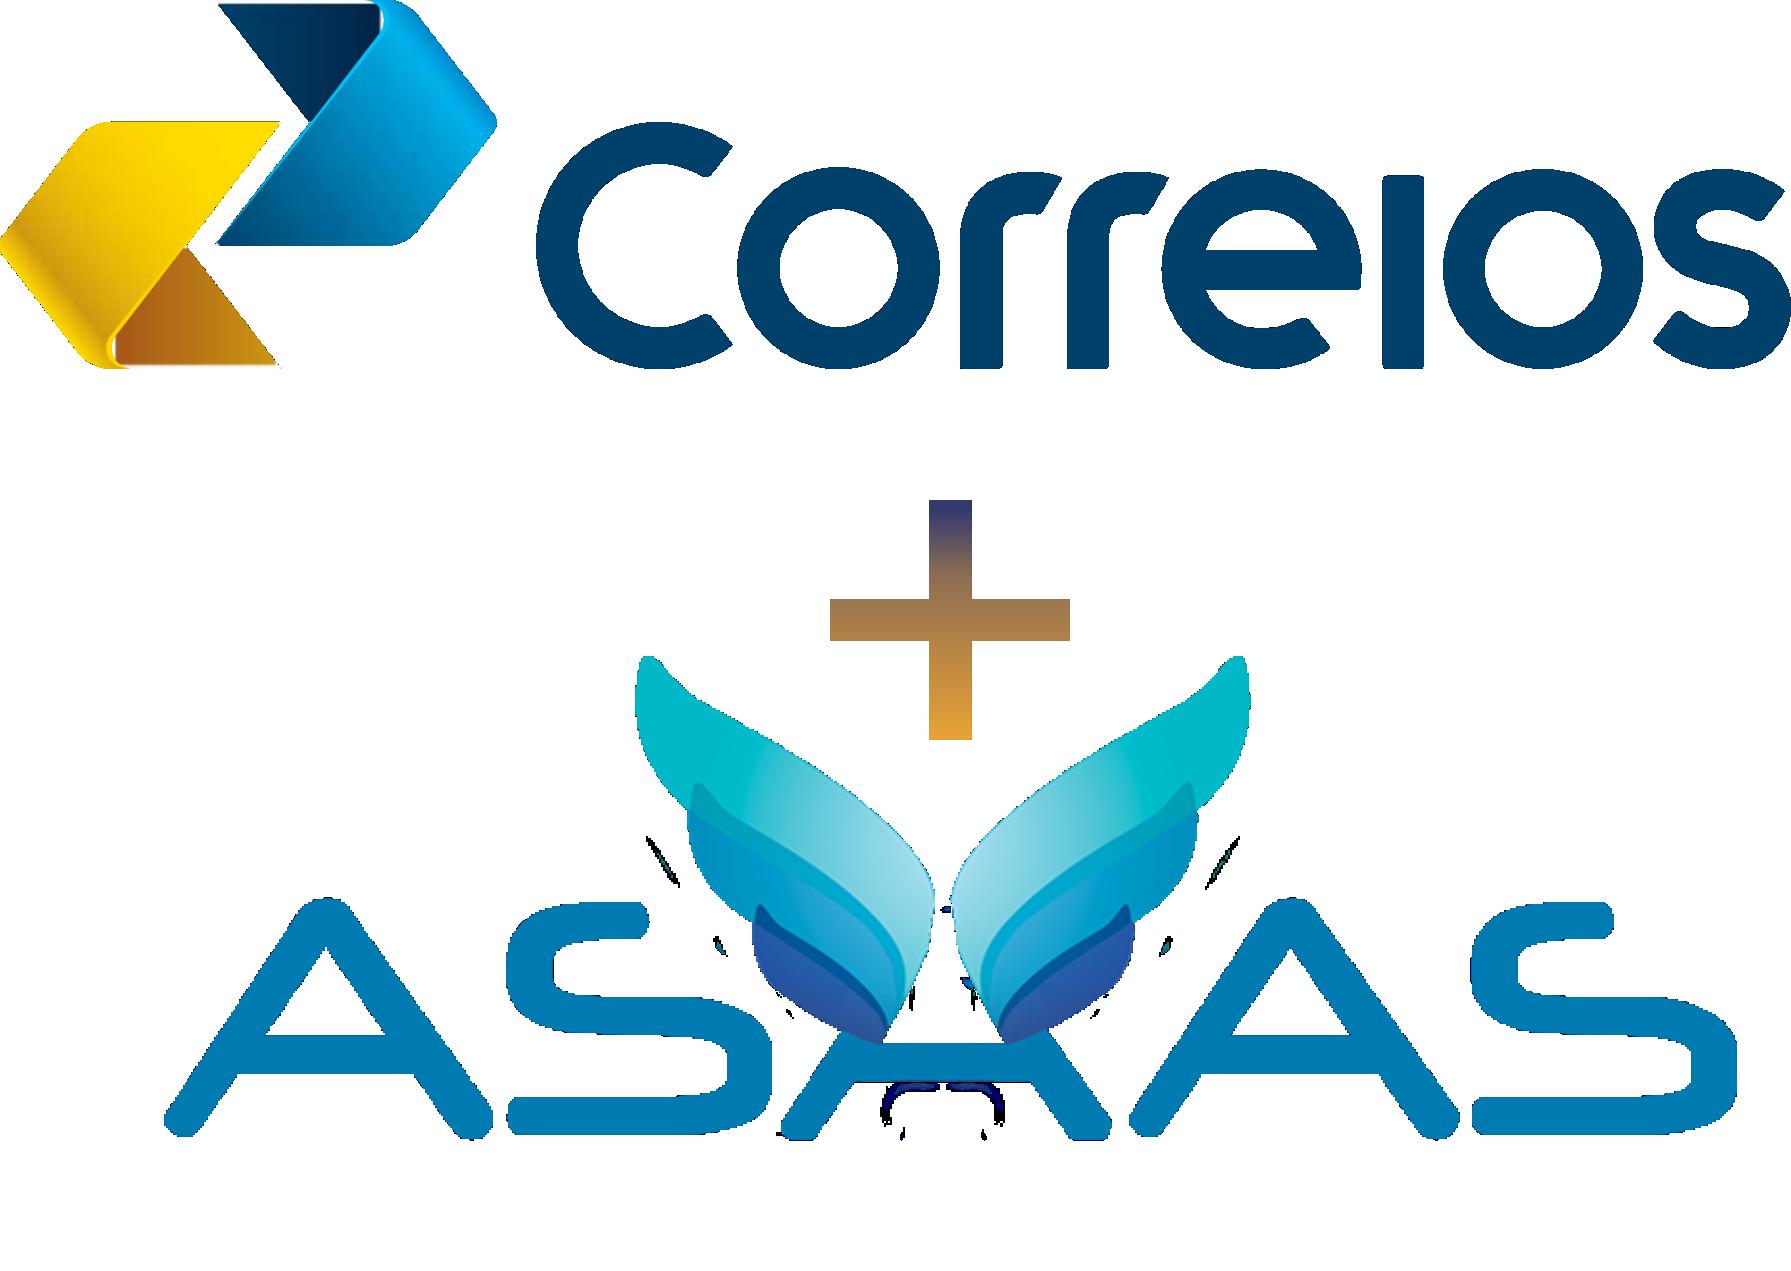 Imagem da logo do correios + logo do Asaas